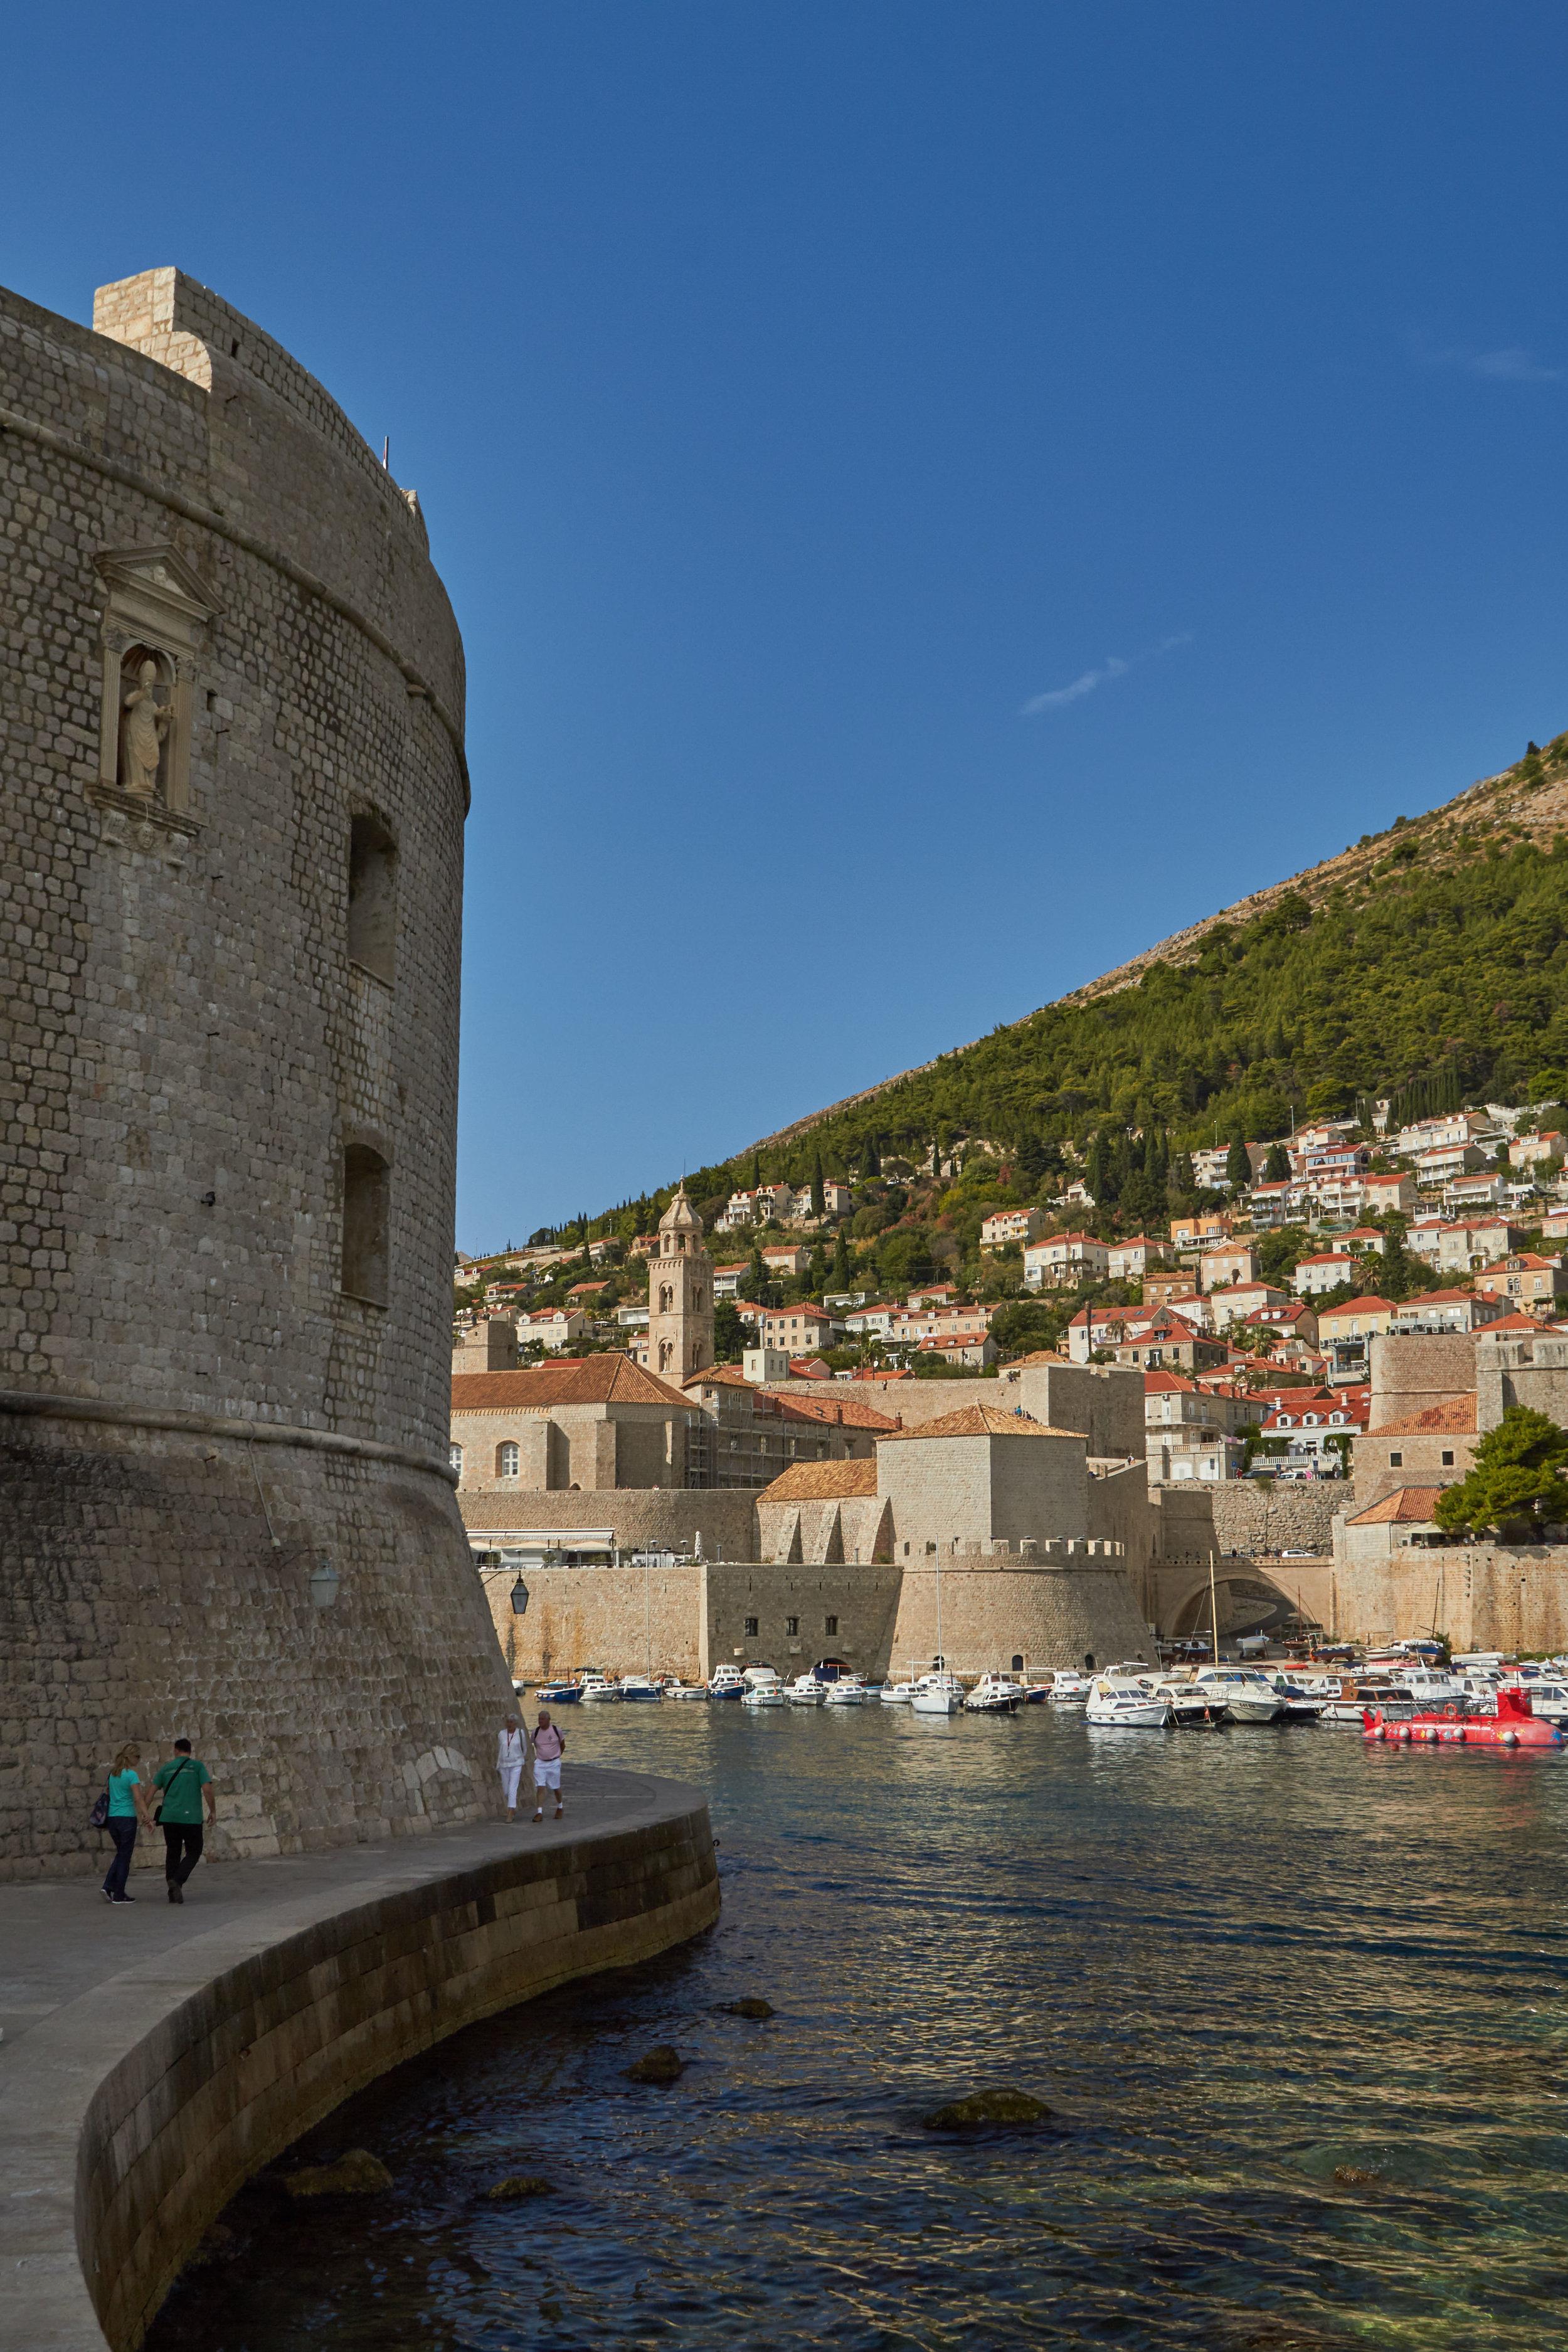 4_25-09-17_Dubrovnik_0059_PROCESSED.jpg